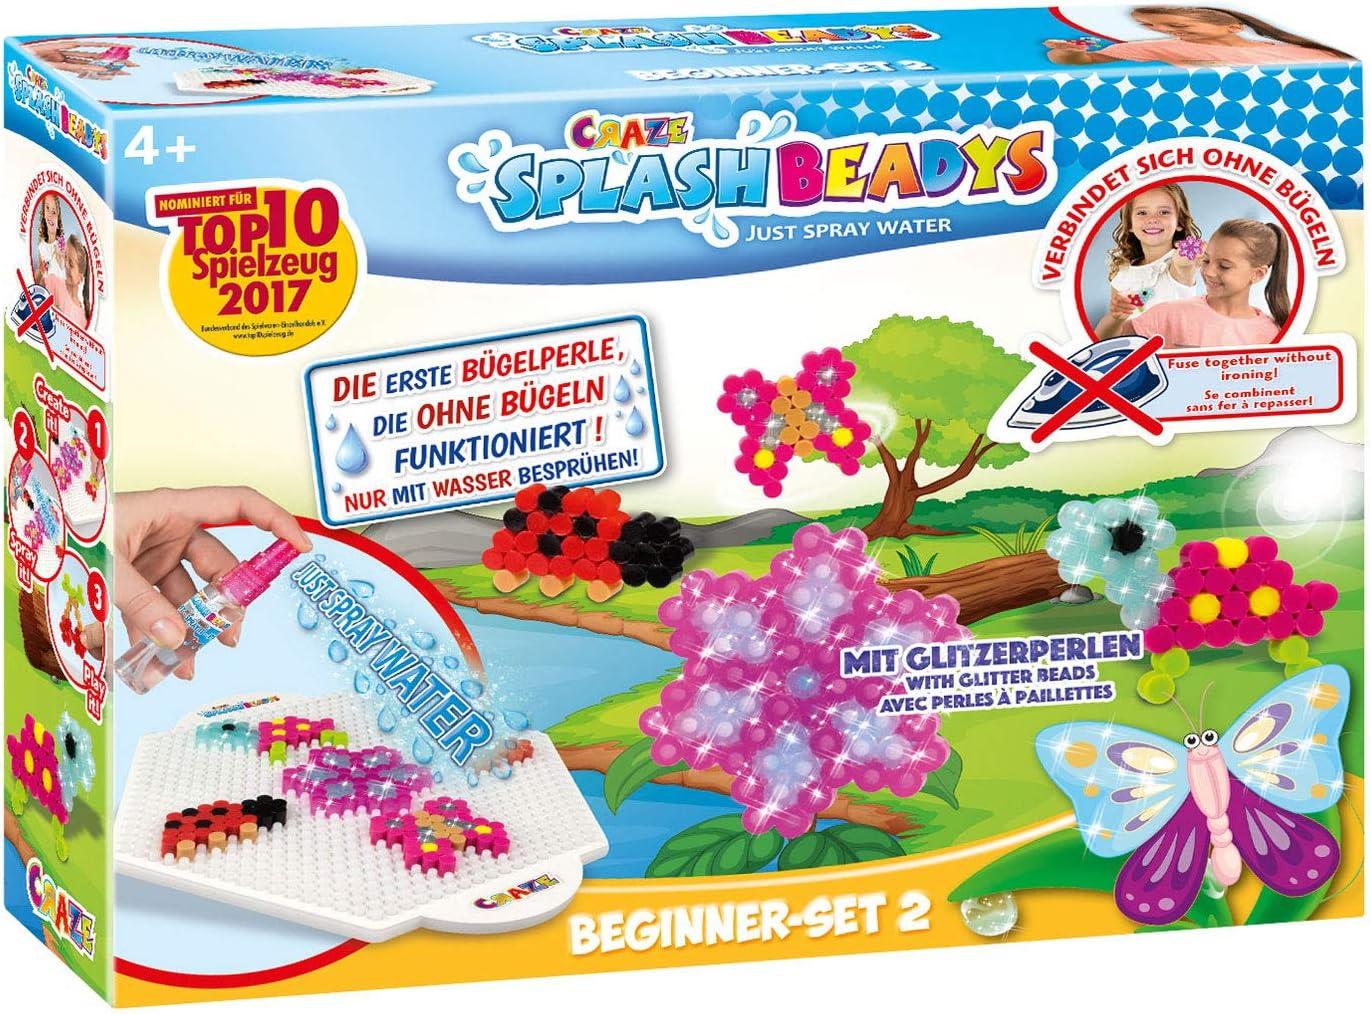 CRAZE- Cuentas Fuse Beads Splash BEADYS Juego de Manualidades para niñas con fusibles de Agua para Principiantes 15308, Multicolor , color/modelo surtido: Amazon.es: Juguetes y juegos